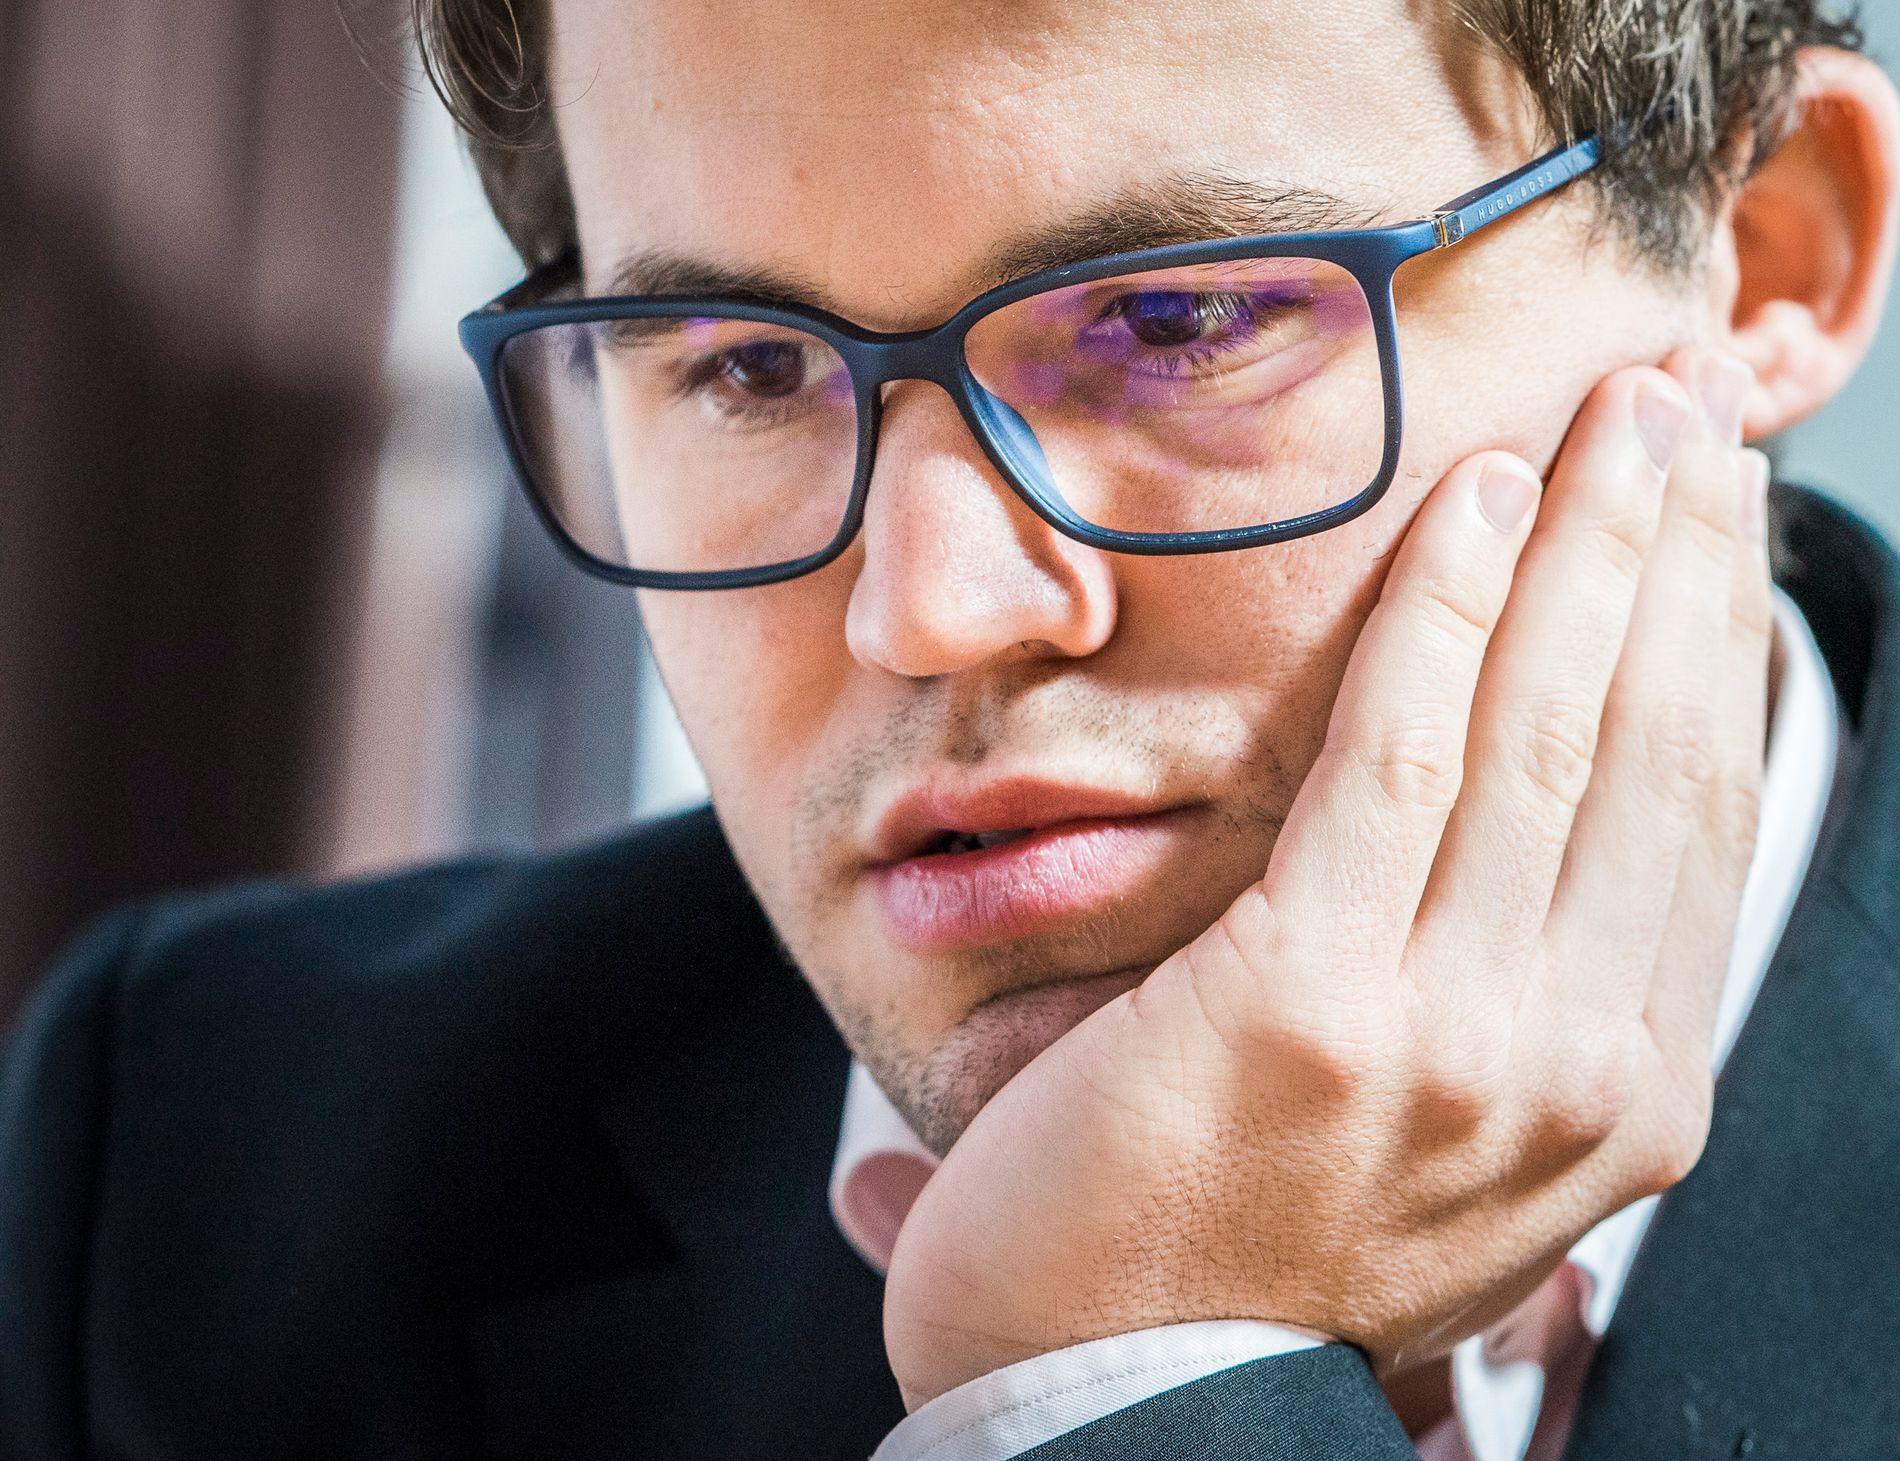 VERDENSREKORD: Magnus Carlsen hadde i løpet av mandagen en lynsjakk-rating høyere enn hans egen bestenotering.